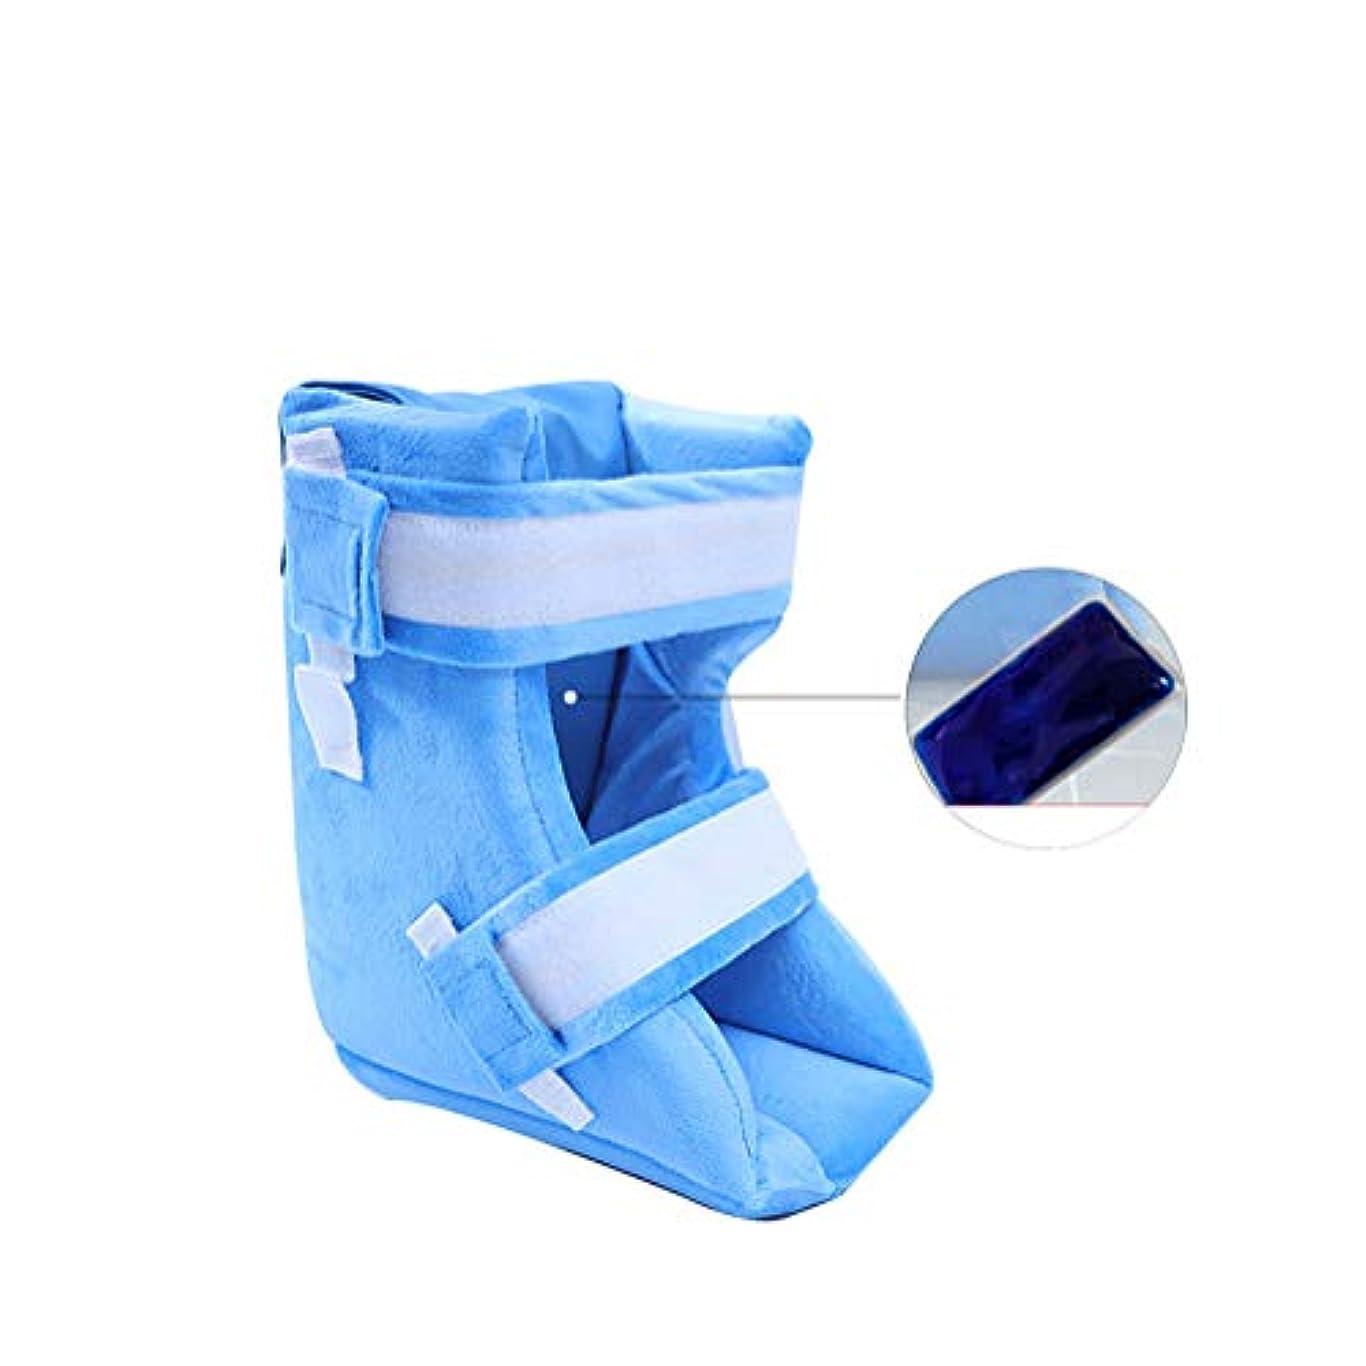 冷淡なおめでとう破壊的なヒールプロテクター、ソフト慰めヒール枕、ヒールフロートヒールプロテクター、高齢者の足補正カバー,1Pc